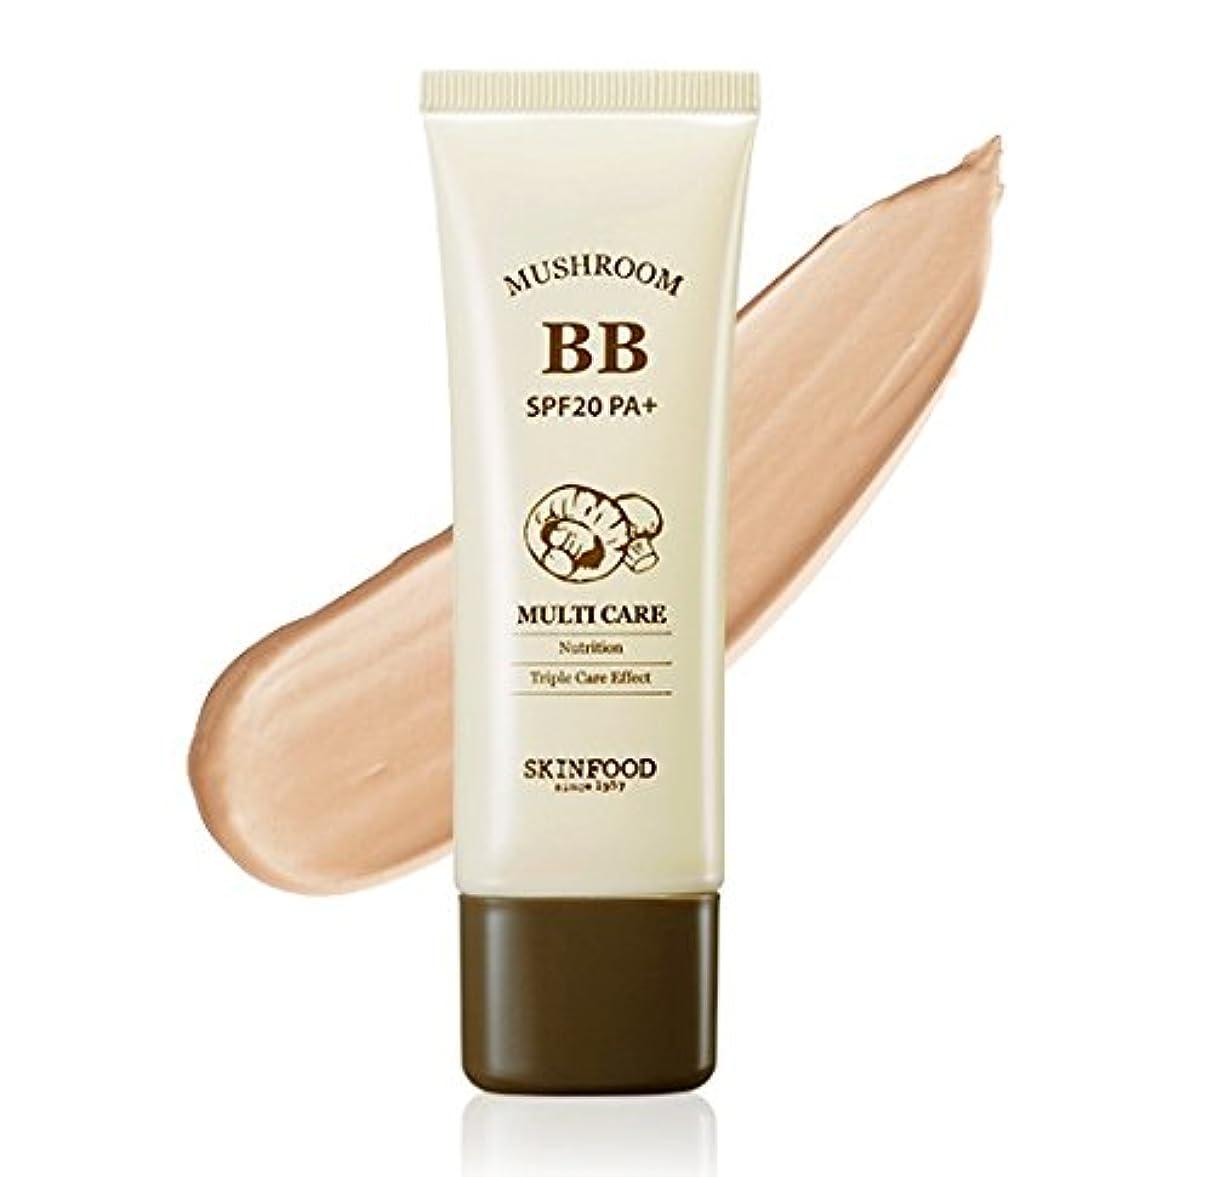 オンス溶ける価格#Bright skin SKINFOOD Mushroom Multi Care BB Cream スキンフード マッシュルーム マルチケア BB cream クリーム SPF20 PA+ [並行輸入品]